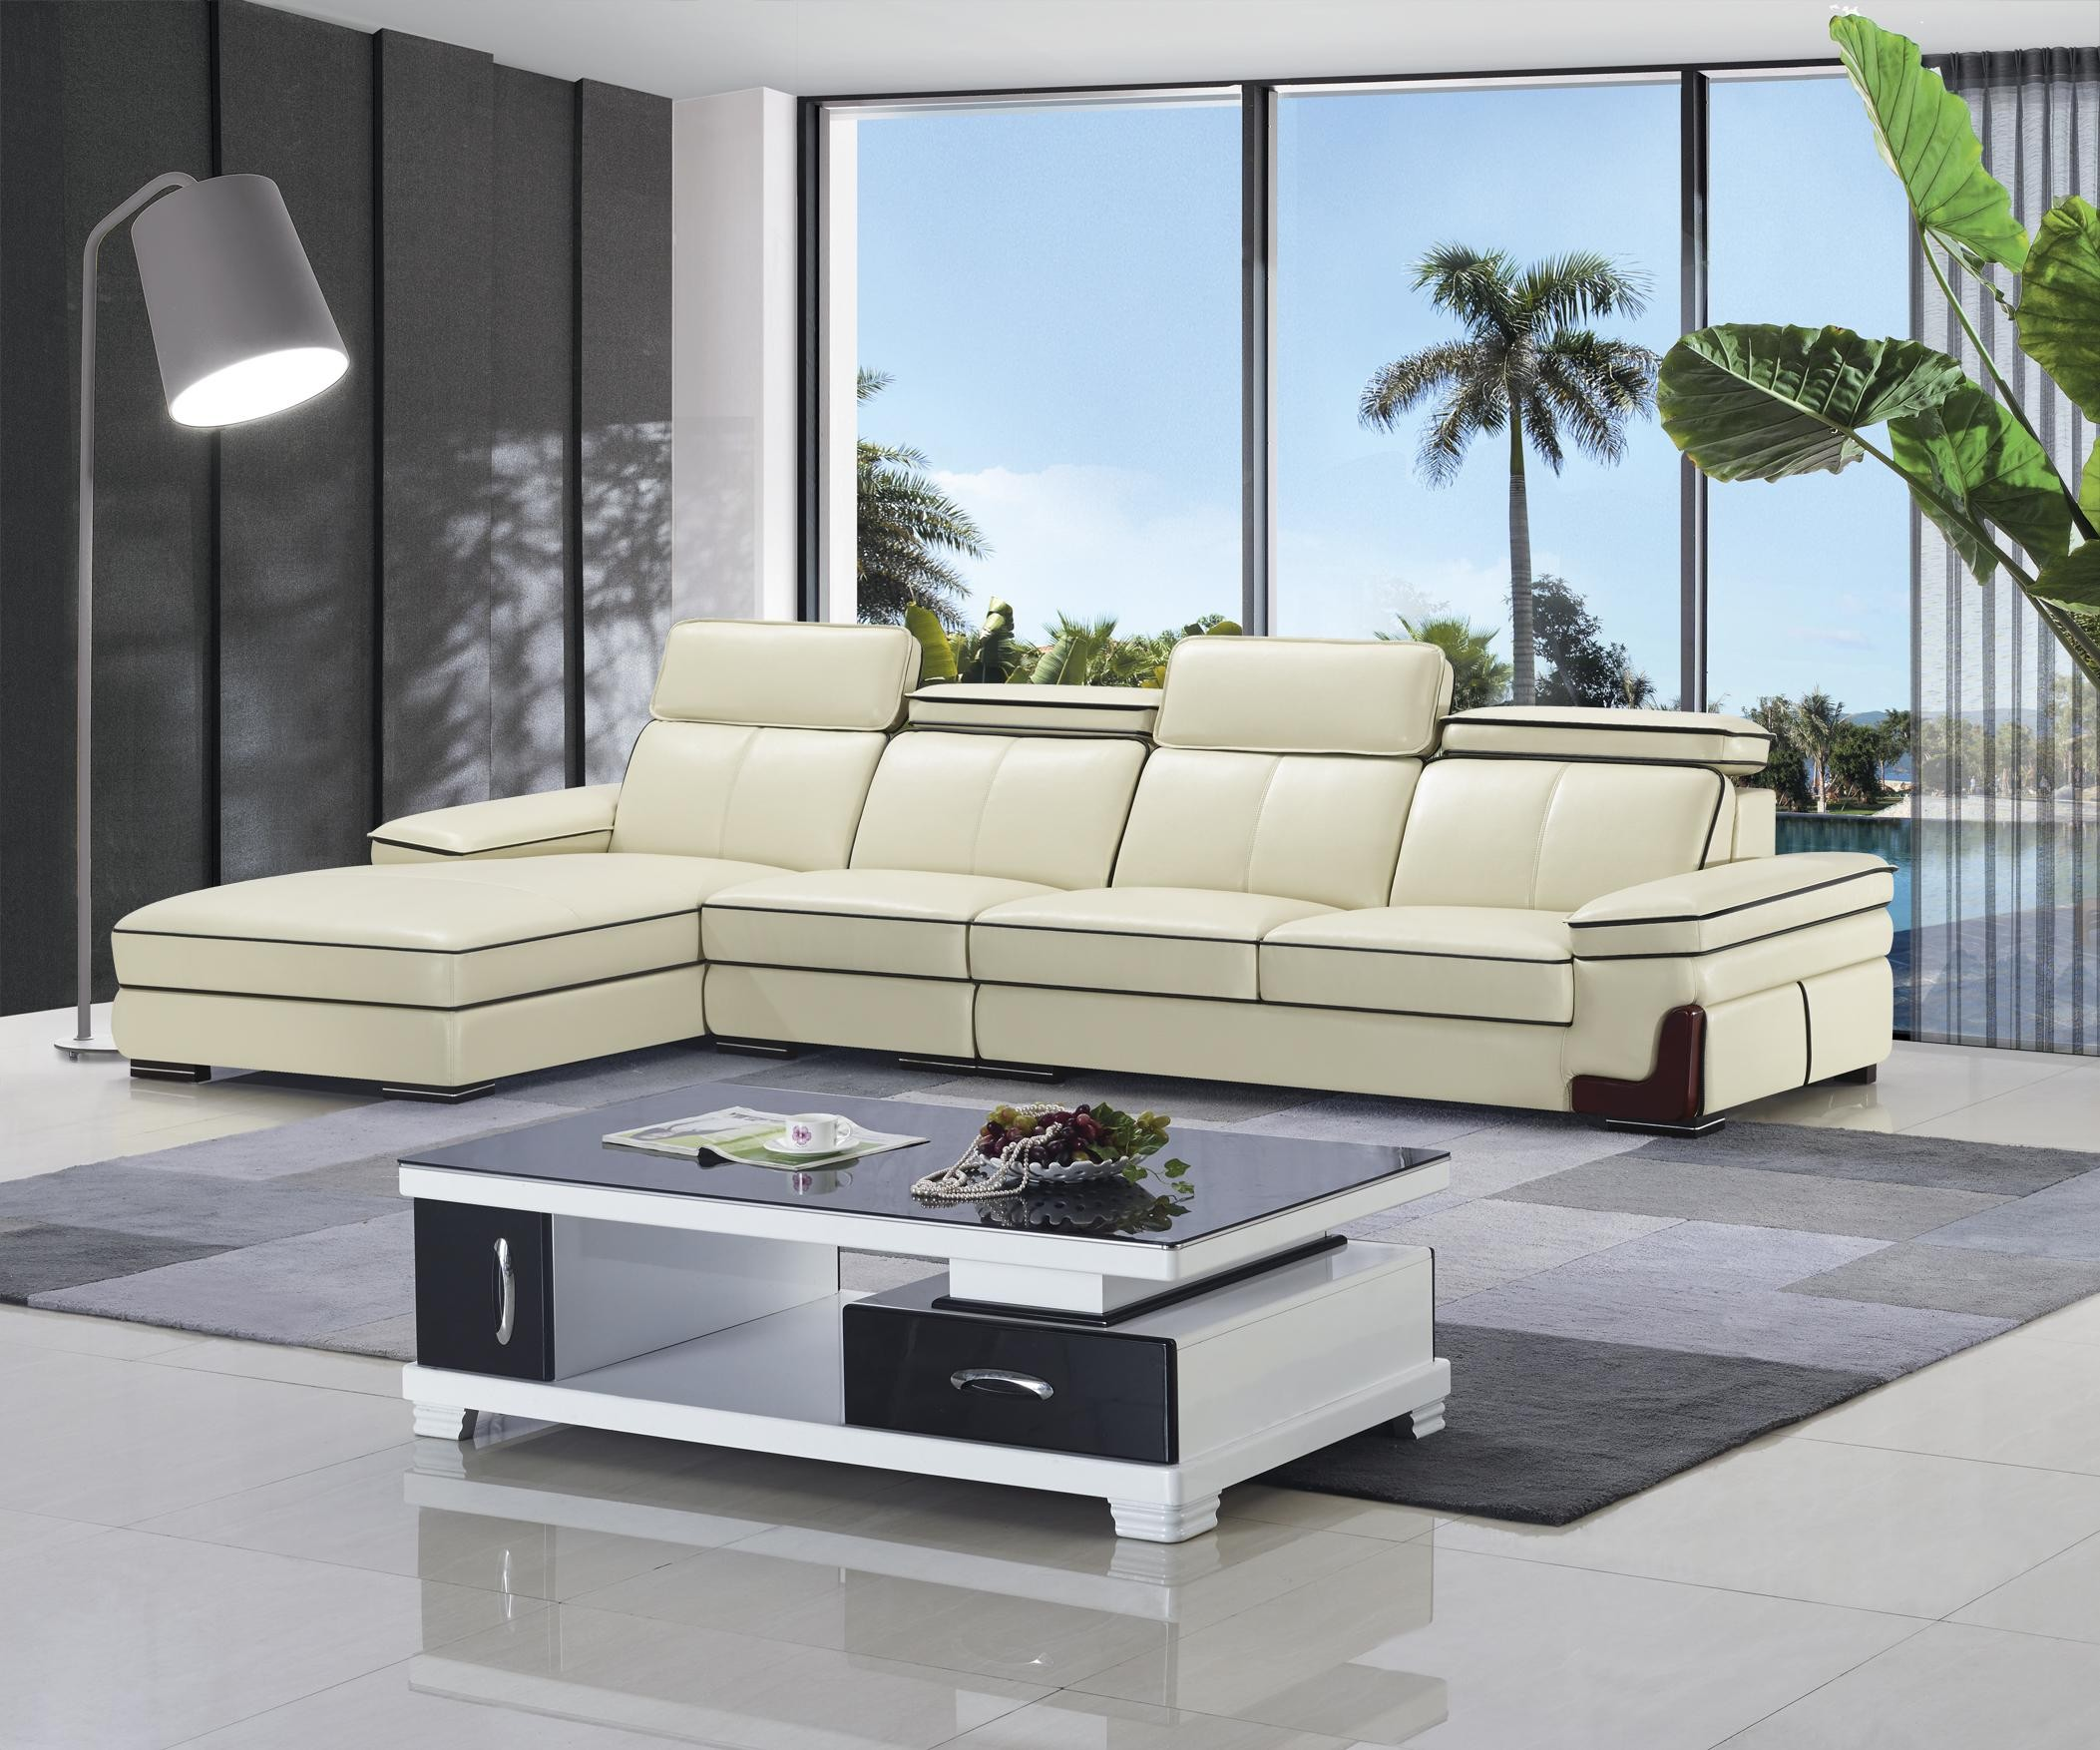 Arredamenti mobili camera da letto soggiorno cucina divani for Mobili mobili